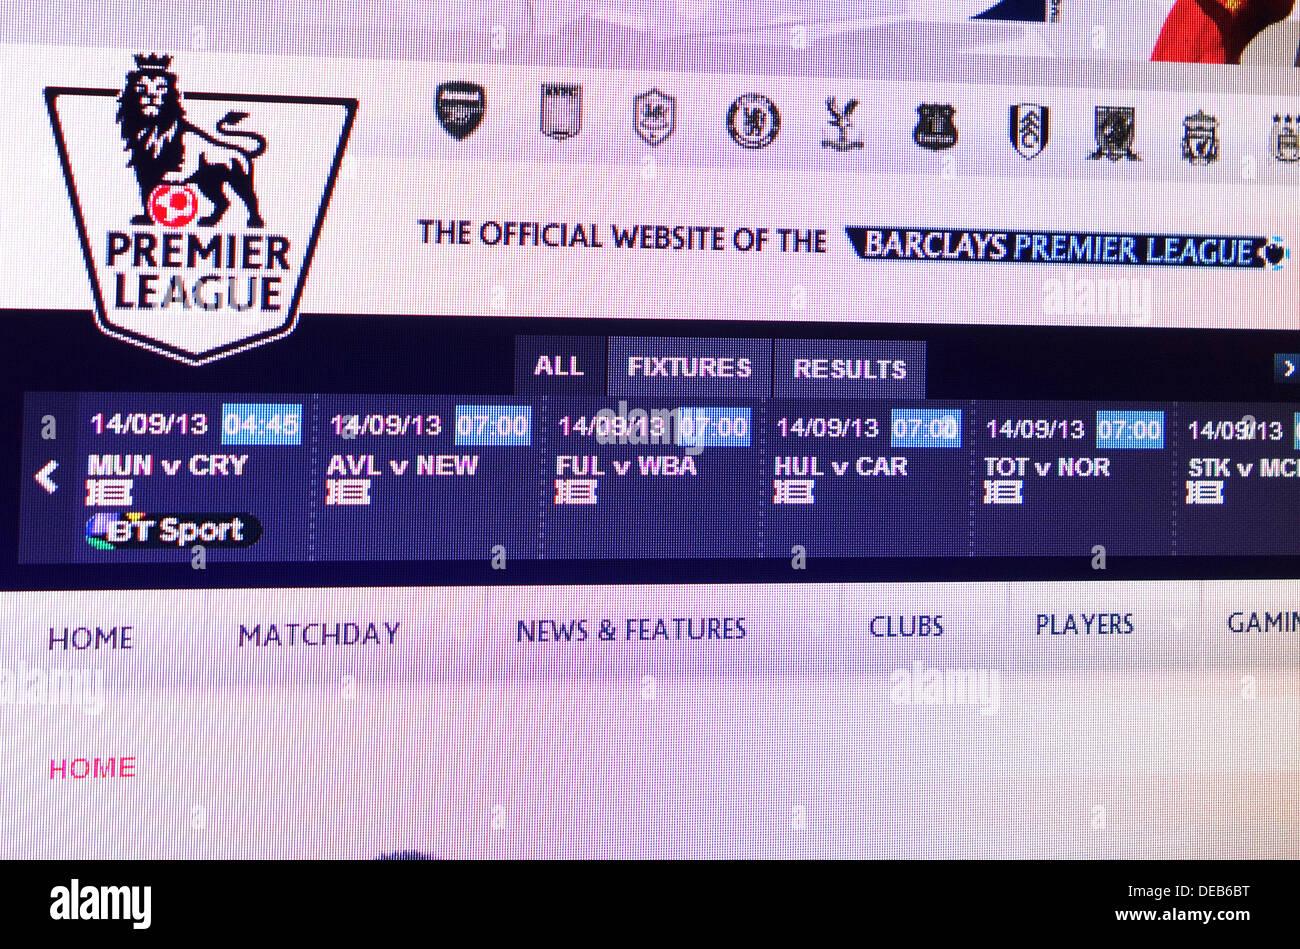 The Premier League website - Stock Image